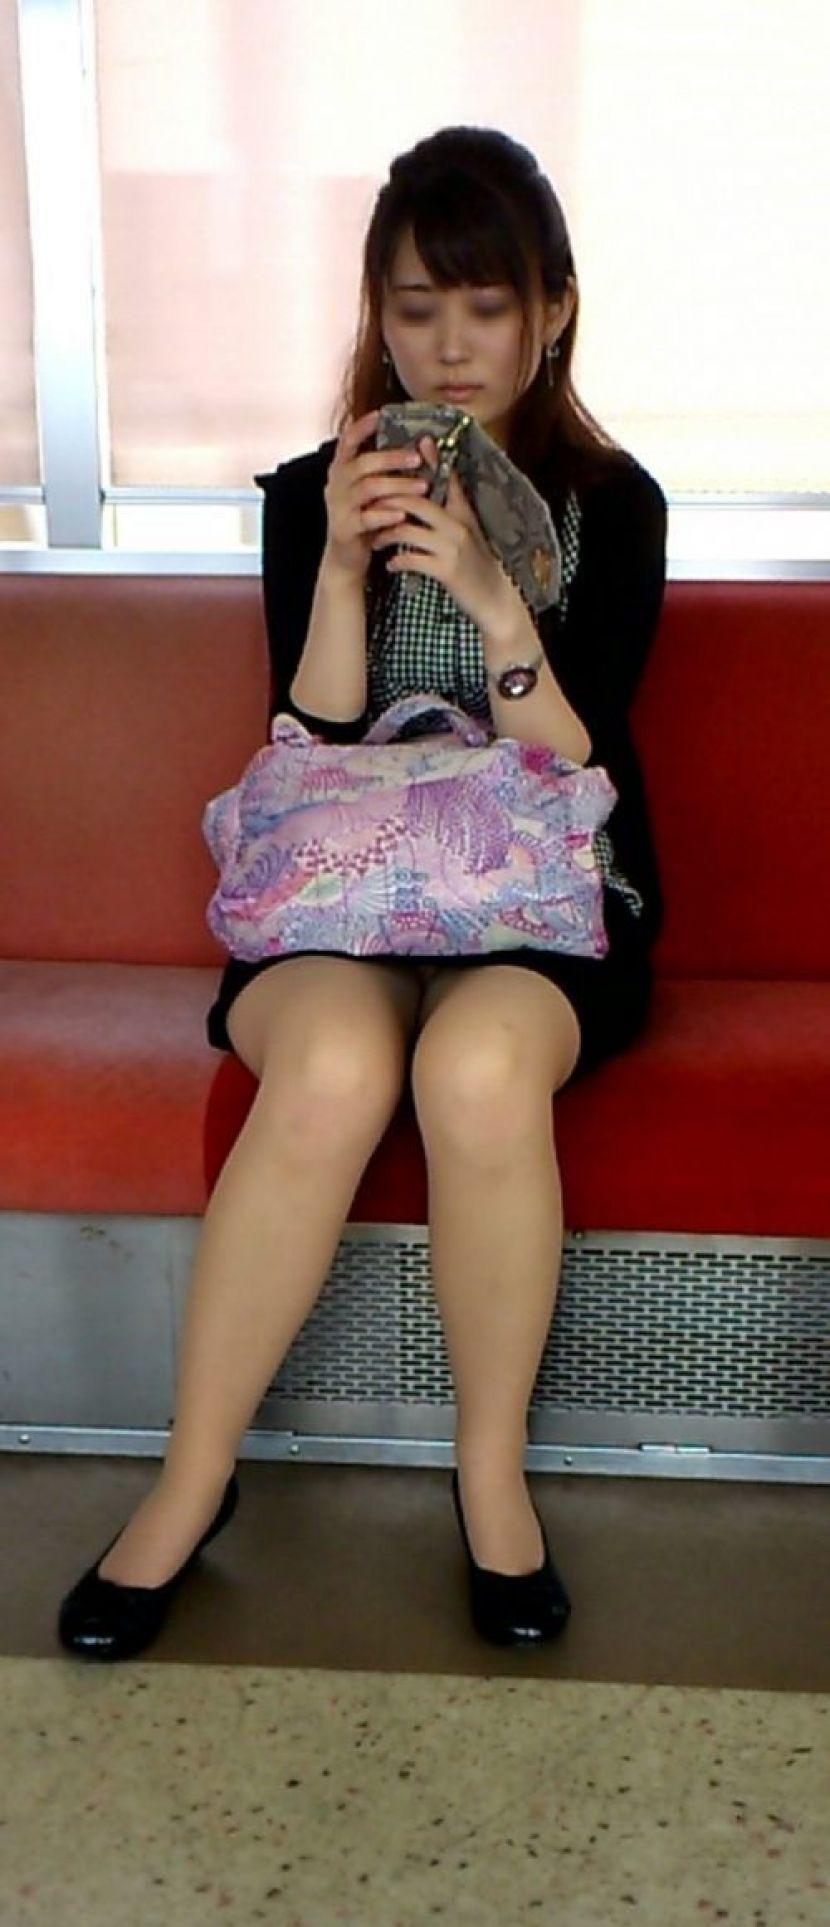 【電車内パンチラ画像】キワドいデルタゾーンから目が離せない…電車内で無防備な下半身を晒してしまった女の子のパンチラ画像 その15